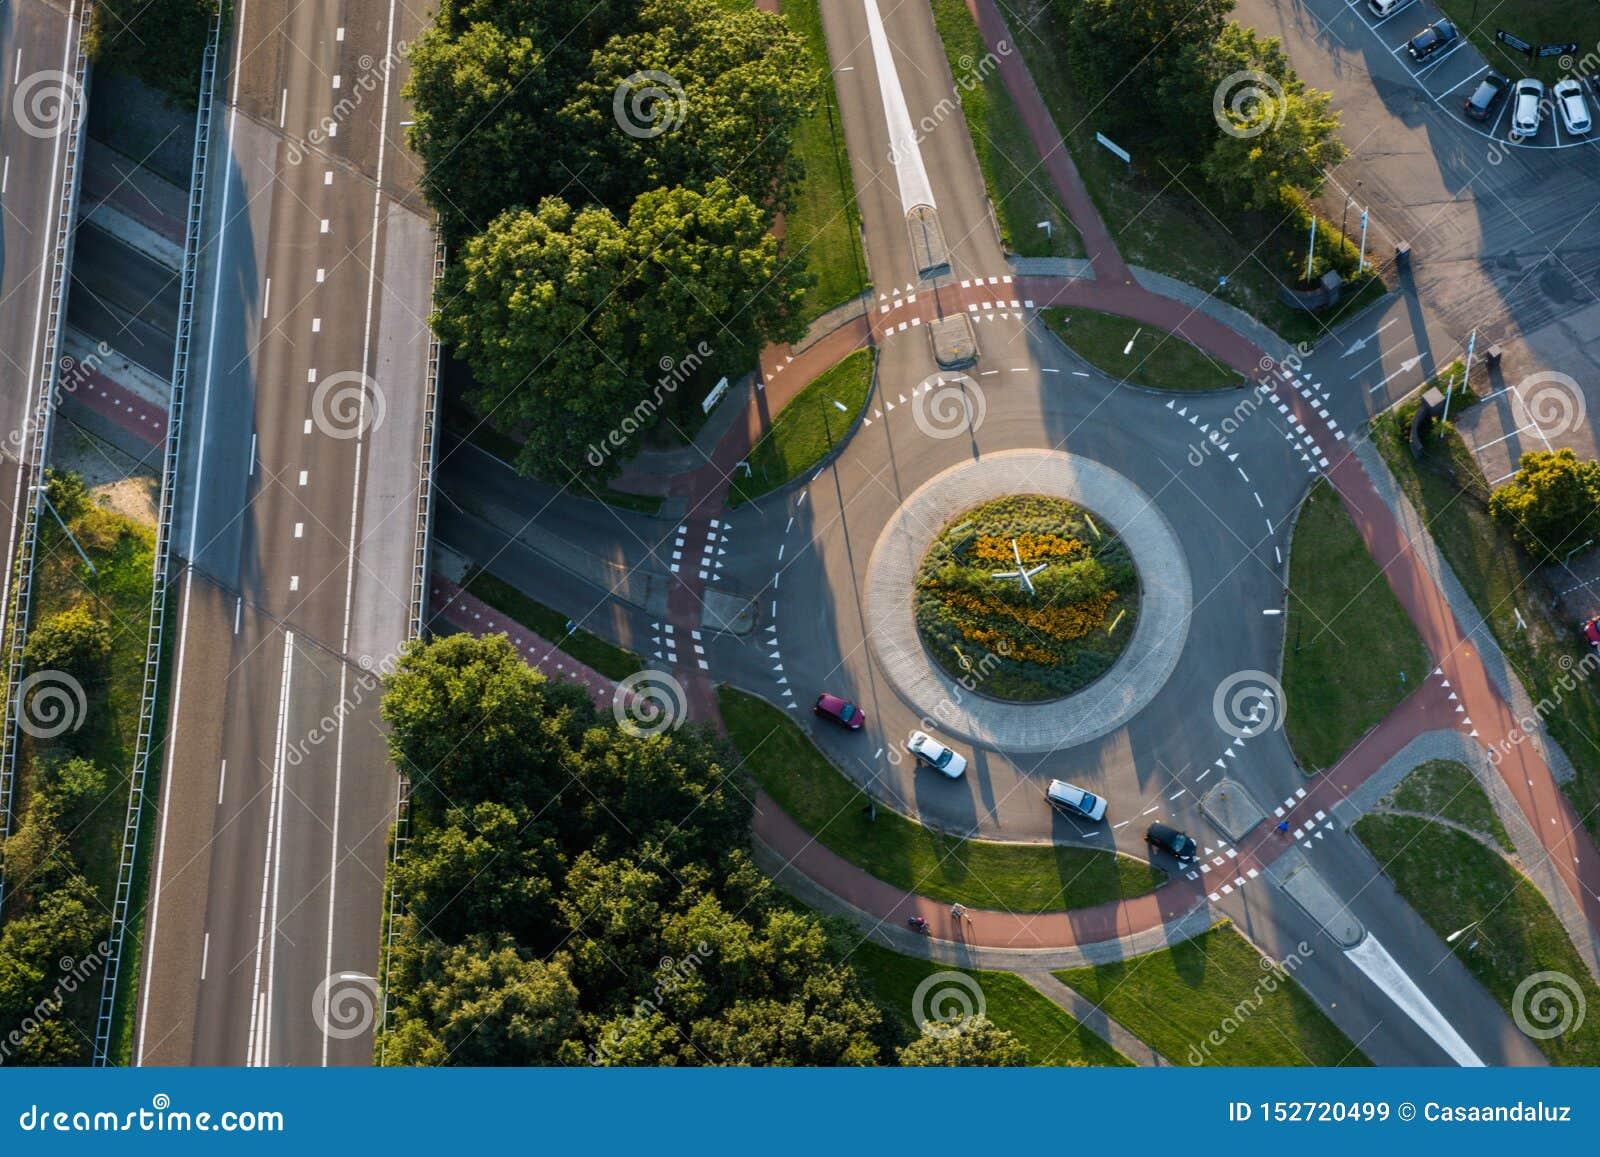 汽车鸟瞰图在环形交通枢纽和相交的路的